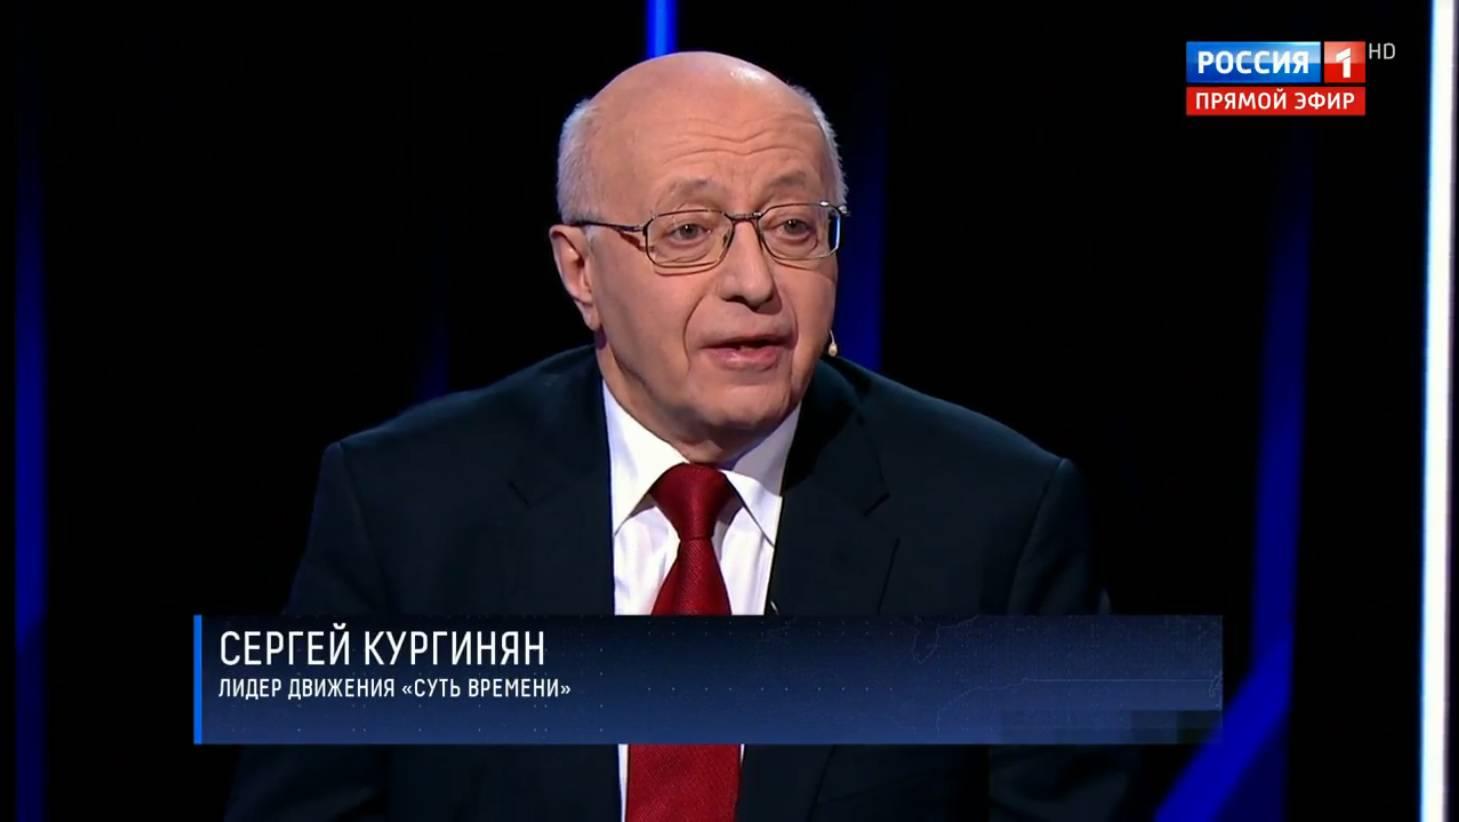 Лидер движения СВ Сергей Кургинян